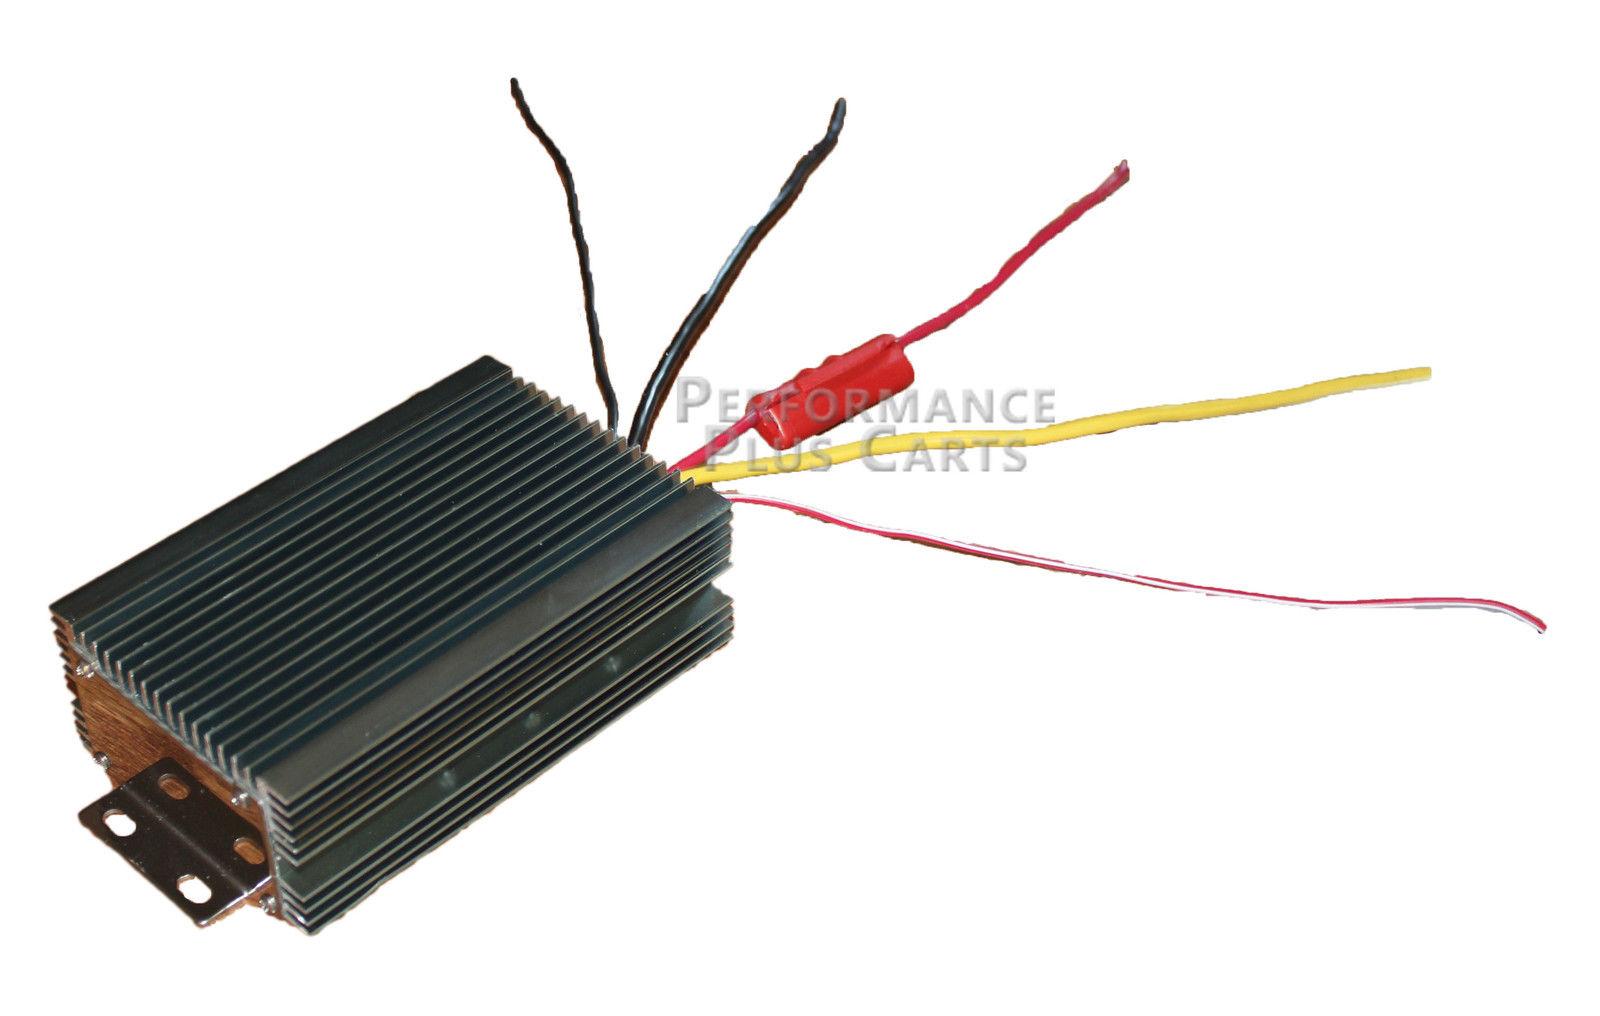 36 volt 2008 toyota hilux workmate wiring diagram golf cart voltage reducer 25 amp 48v to 12v for both